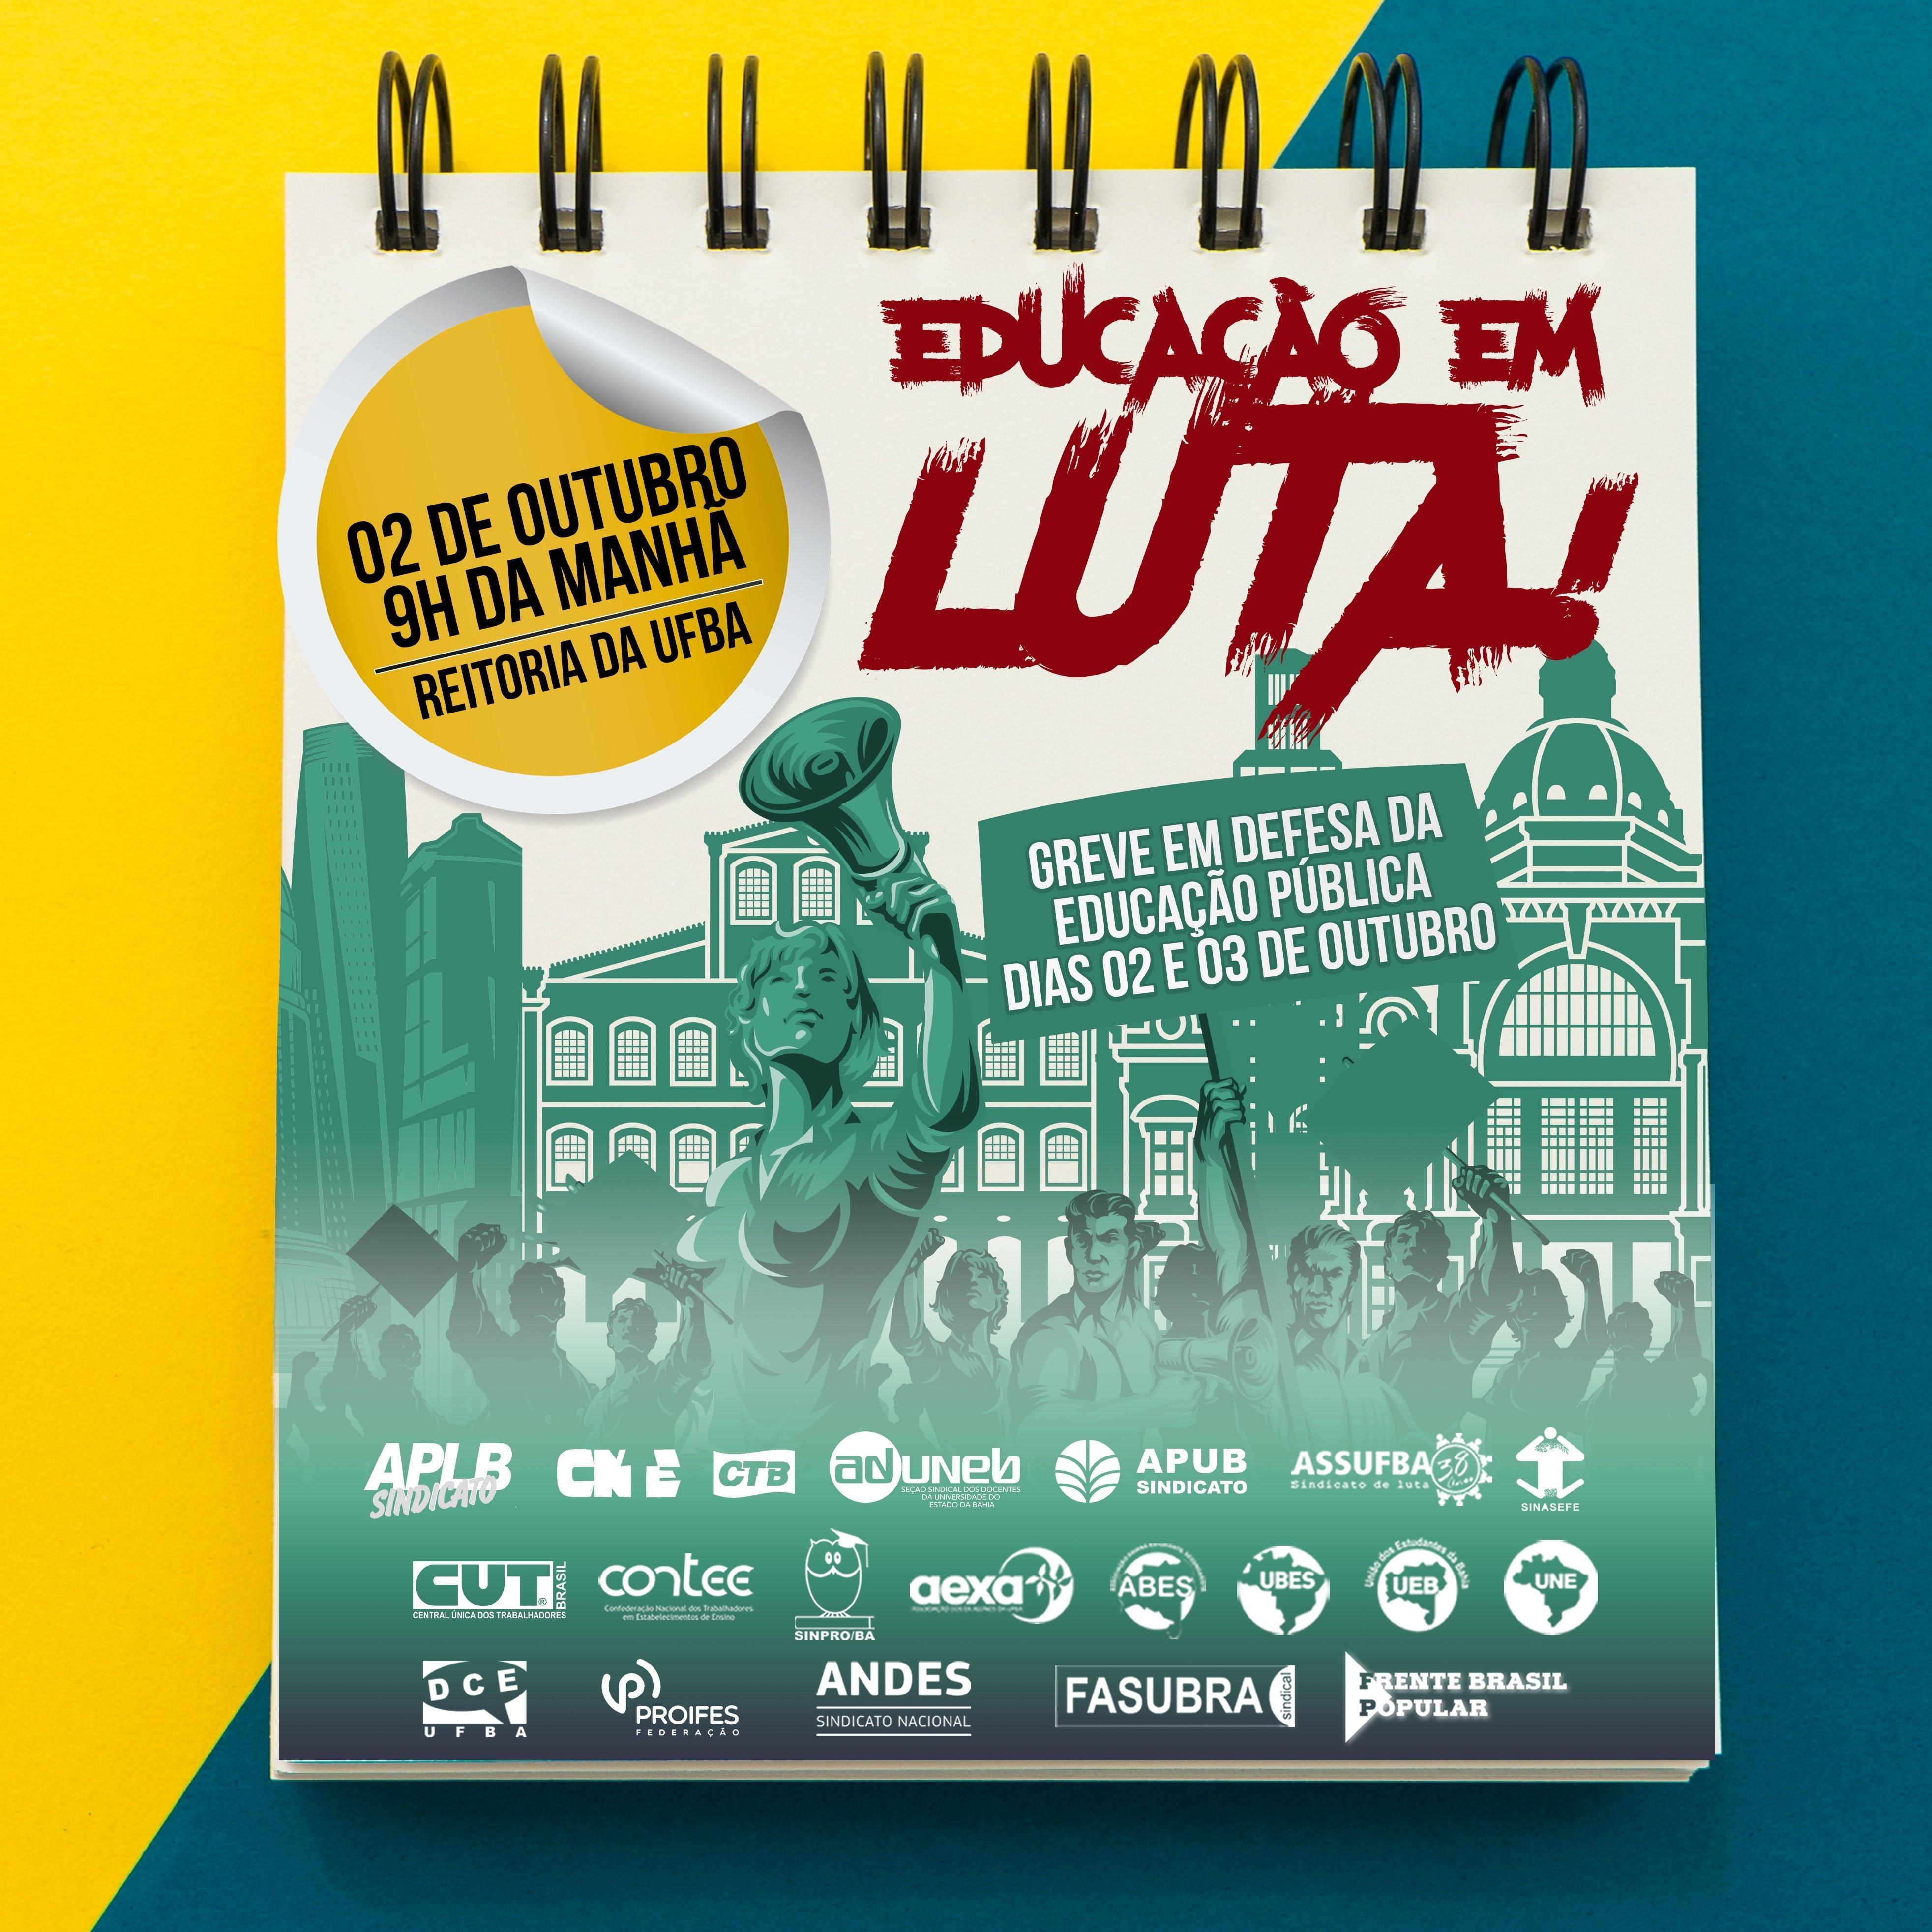 APLB convoca redes estadual, municipal e interior da Bahia para paralisar suas atividades na Greve Geral da Educação, di